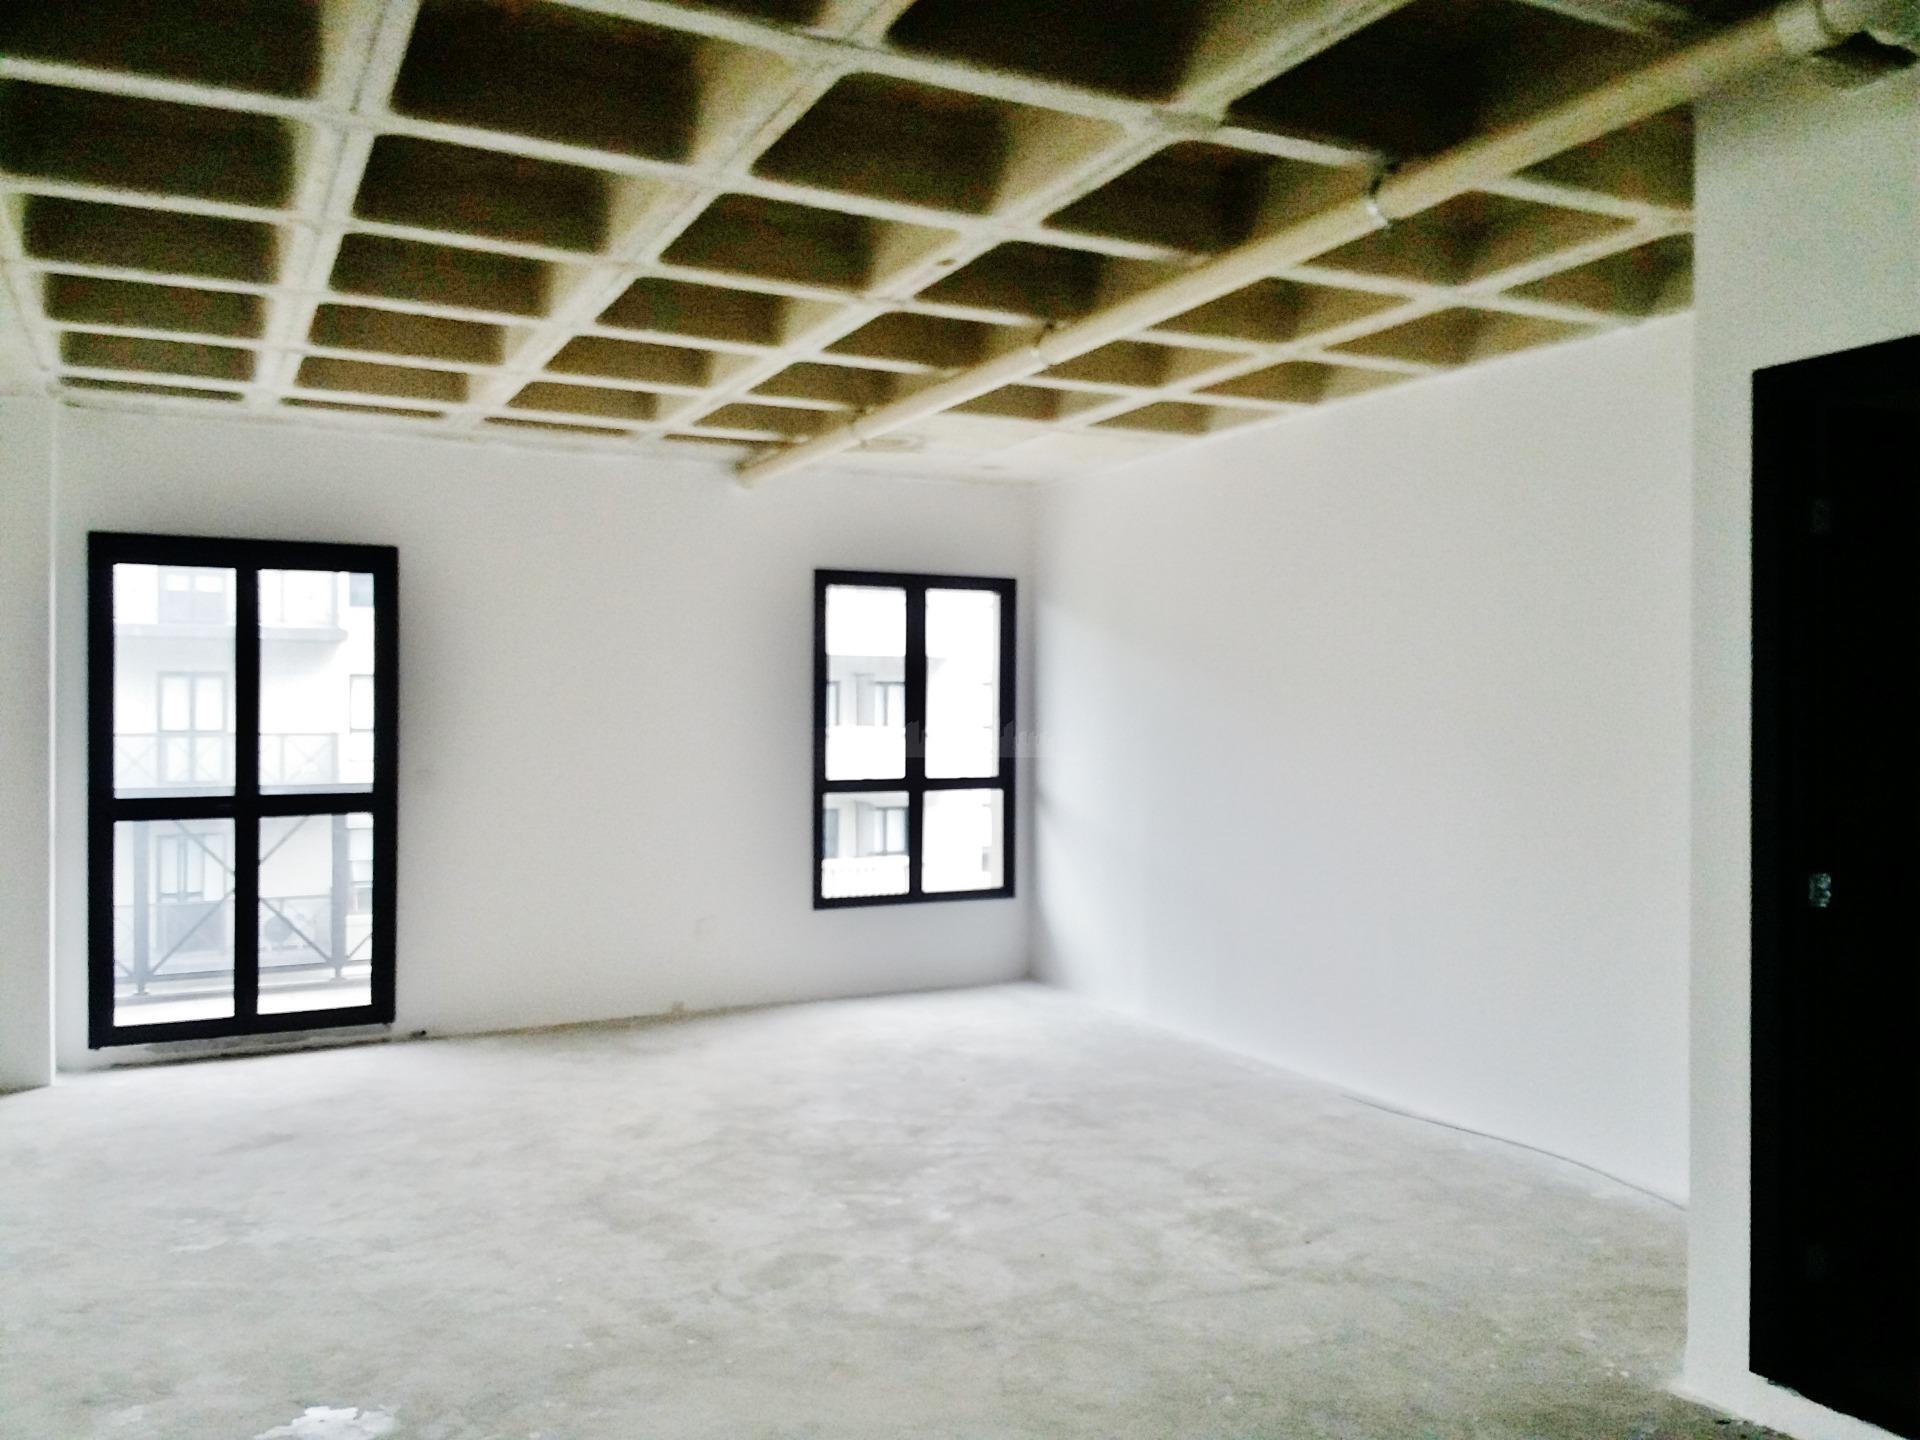 Conjunto à venda, 45 m² por R$ 450.200 - Alto de Pinheiros - São Paulo/SP